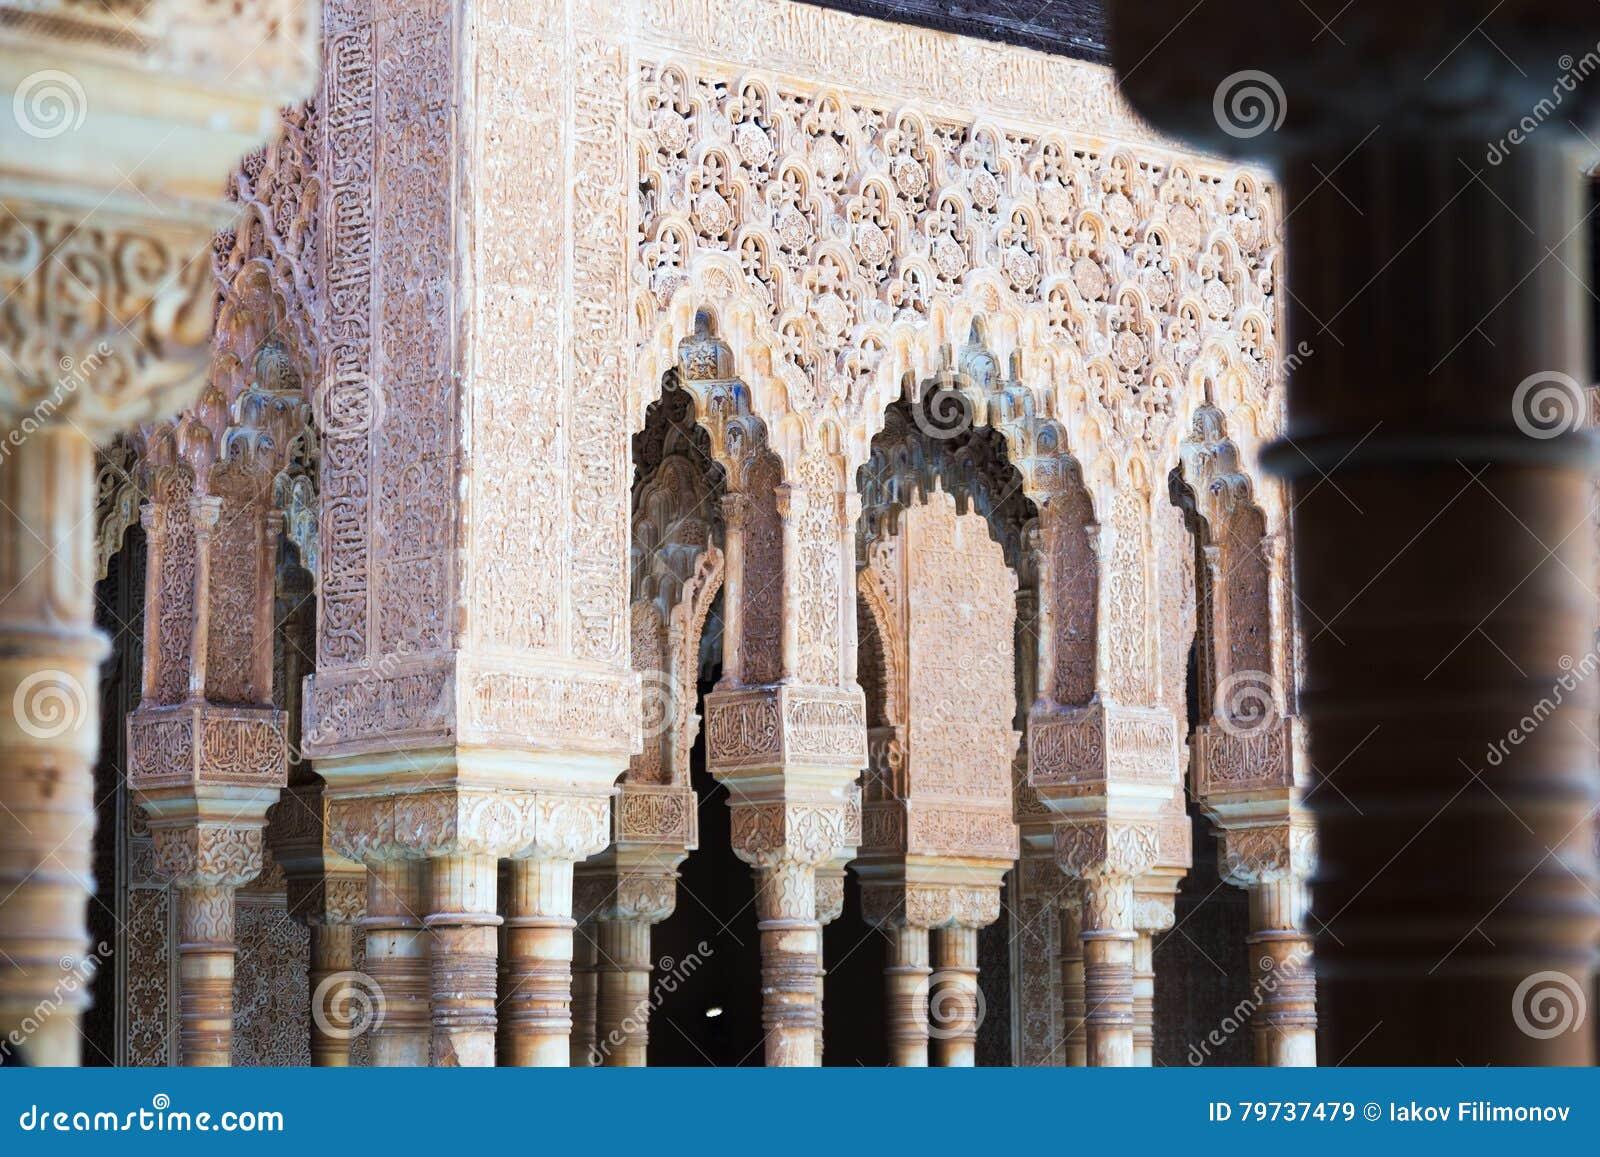 Detalles de la corte de los leones en Alhambra en Granada